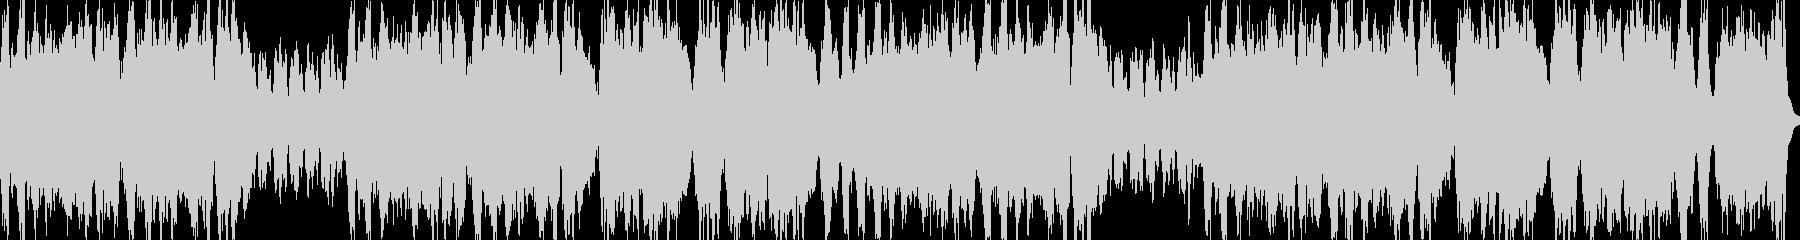 ロシア風オーケストラワルツ_ループの未再生の波形